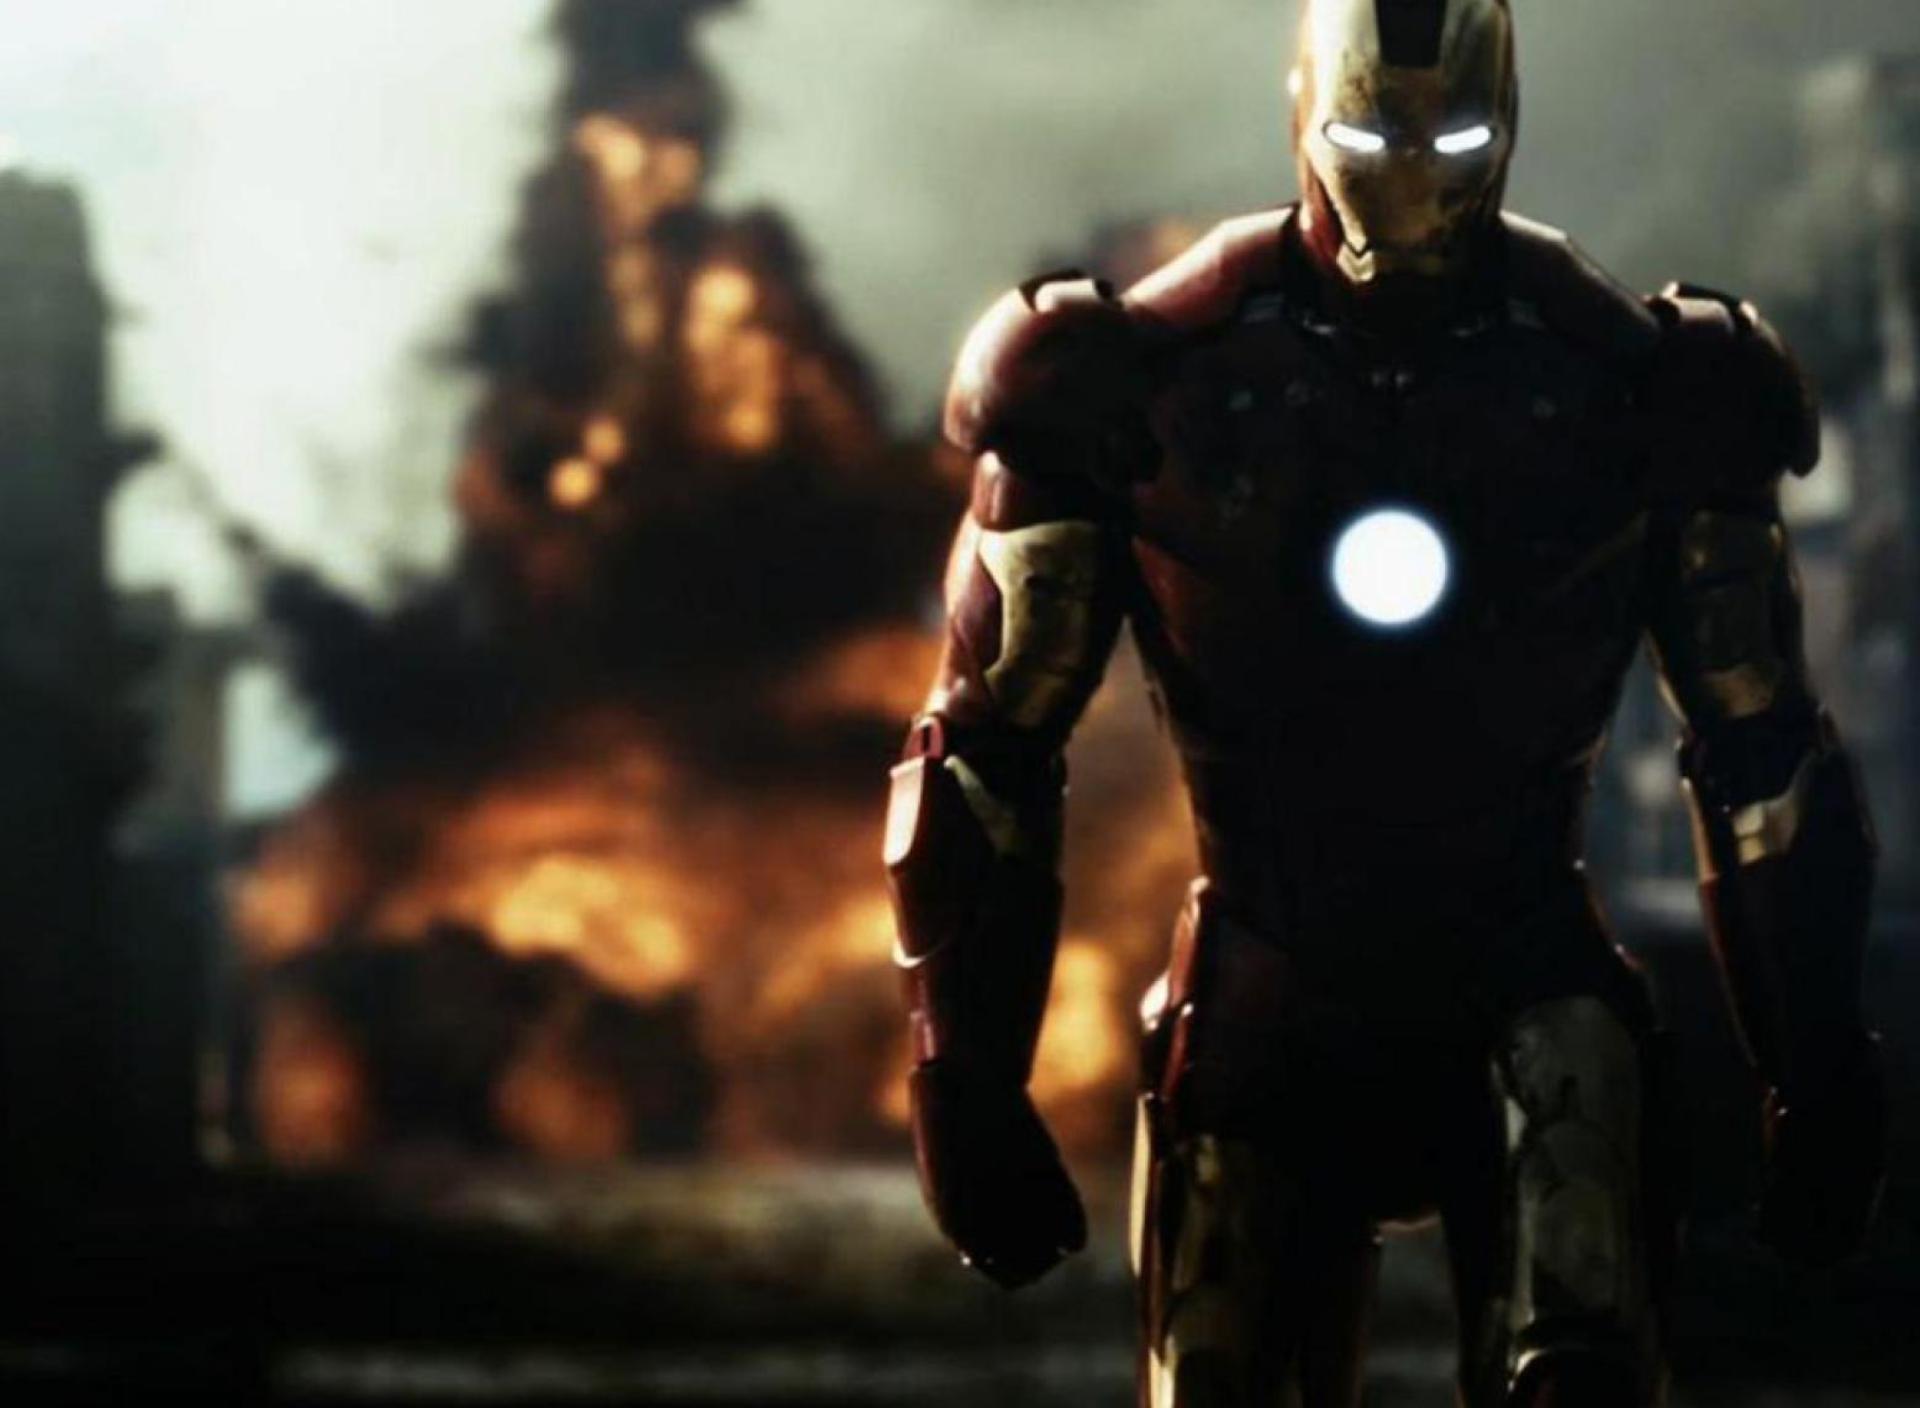 Iron man fondos de pantalla gratis para lg nexus 5 - Fondos de pantalla de iron man en 3d ...